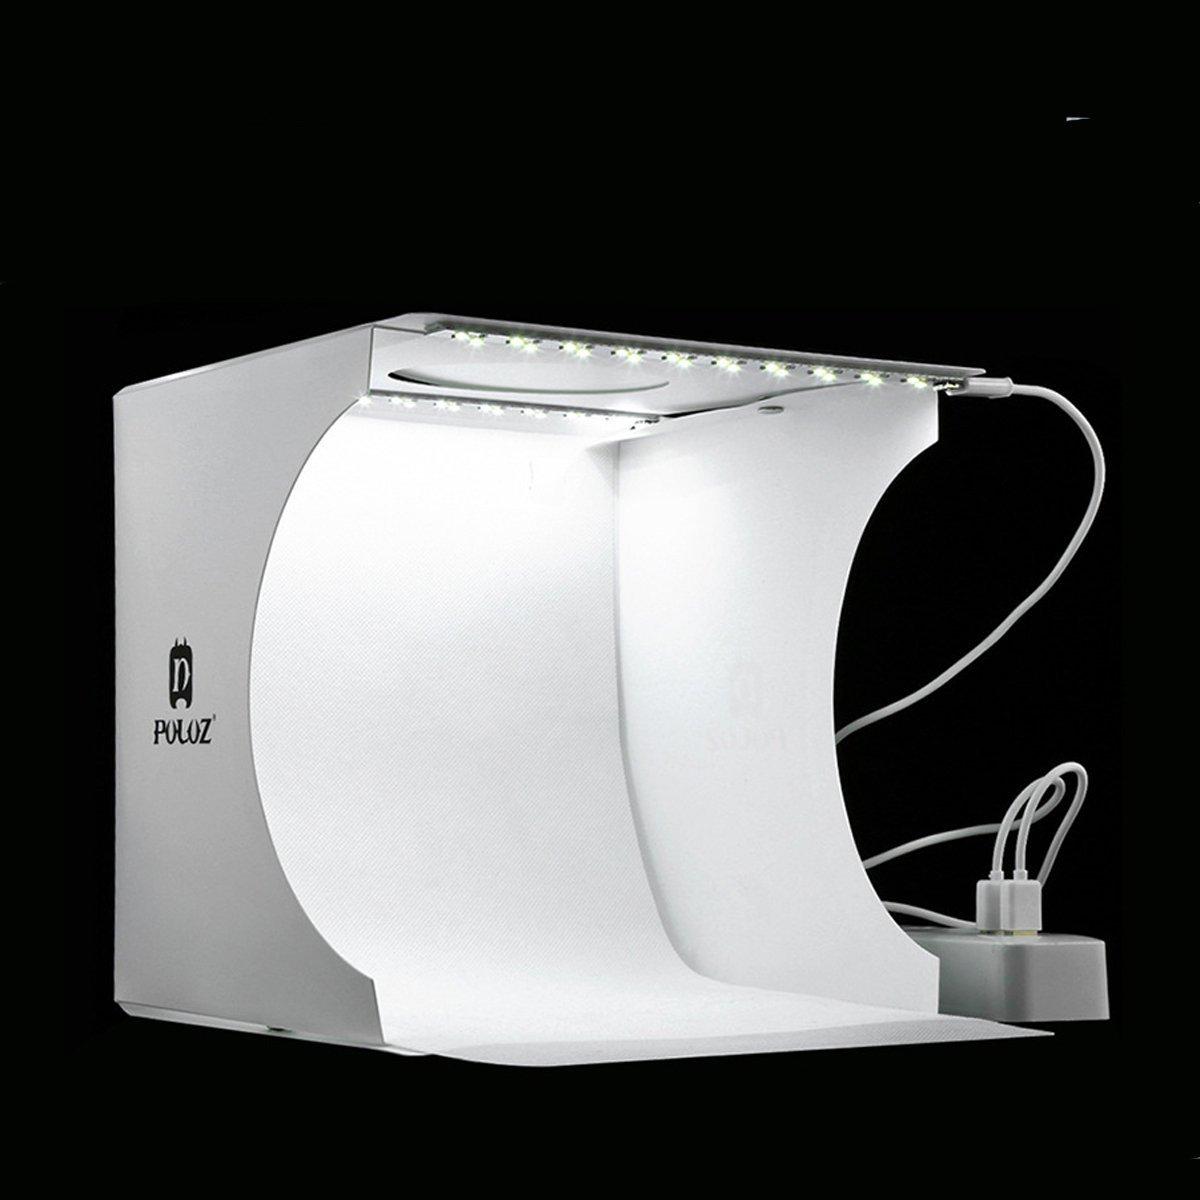 con luci LED set con 6 colori di sfondo per fotografia 2 strisce LED bianche da 6000 K Jhs-Tech Mini tenda da studio fotografico pieghevole